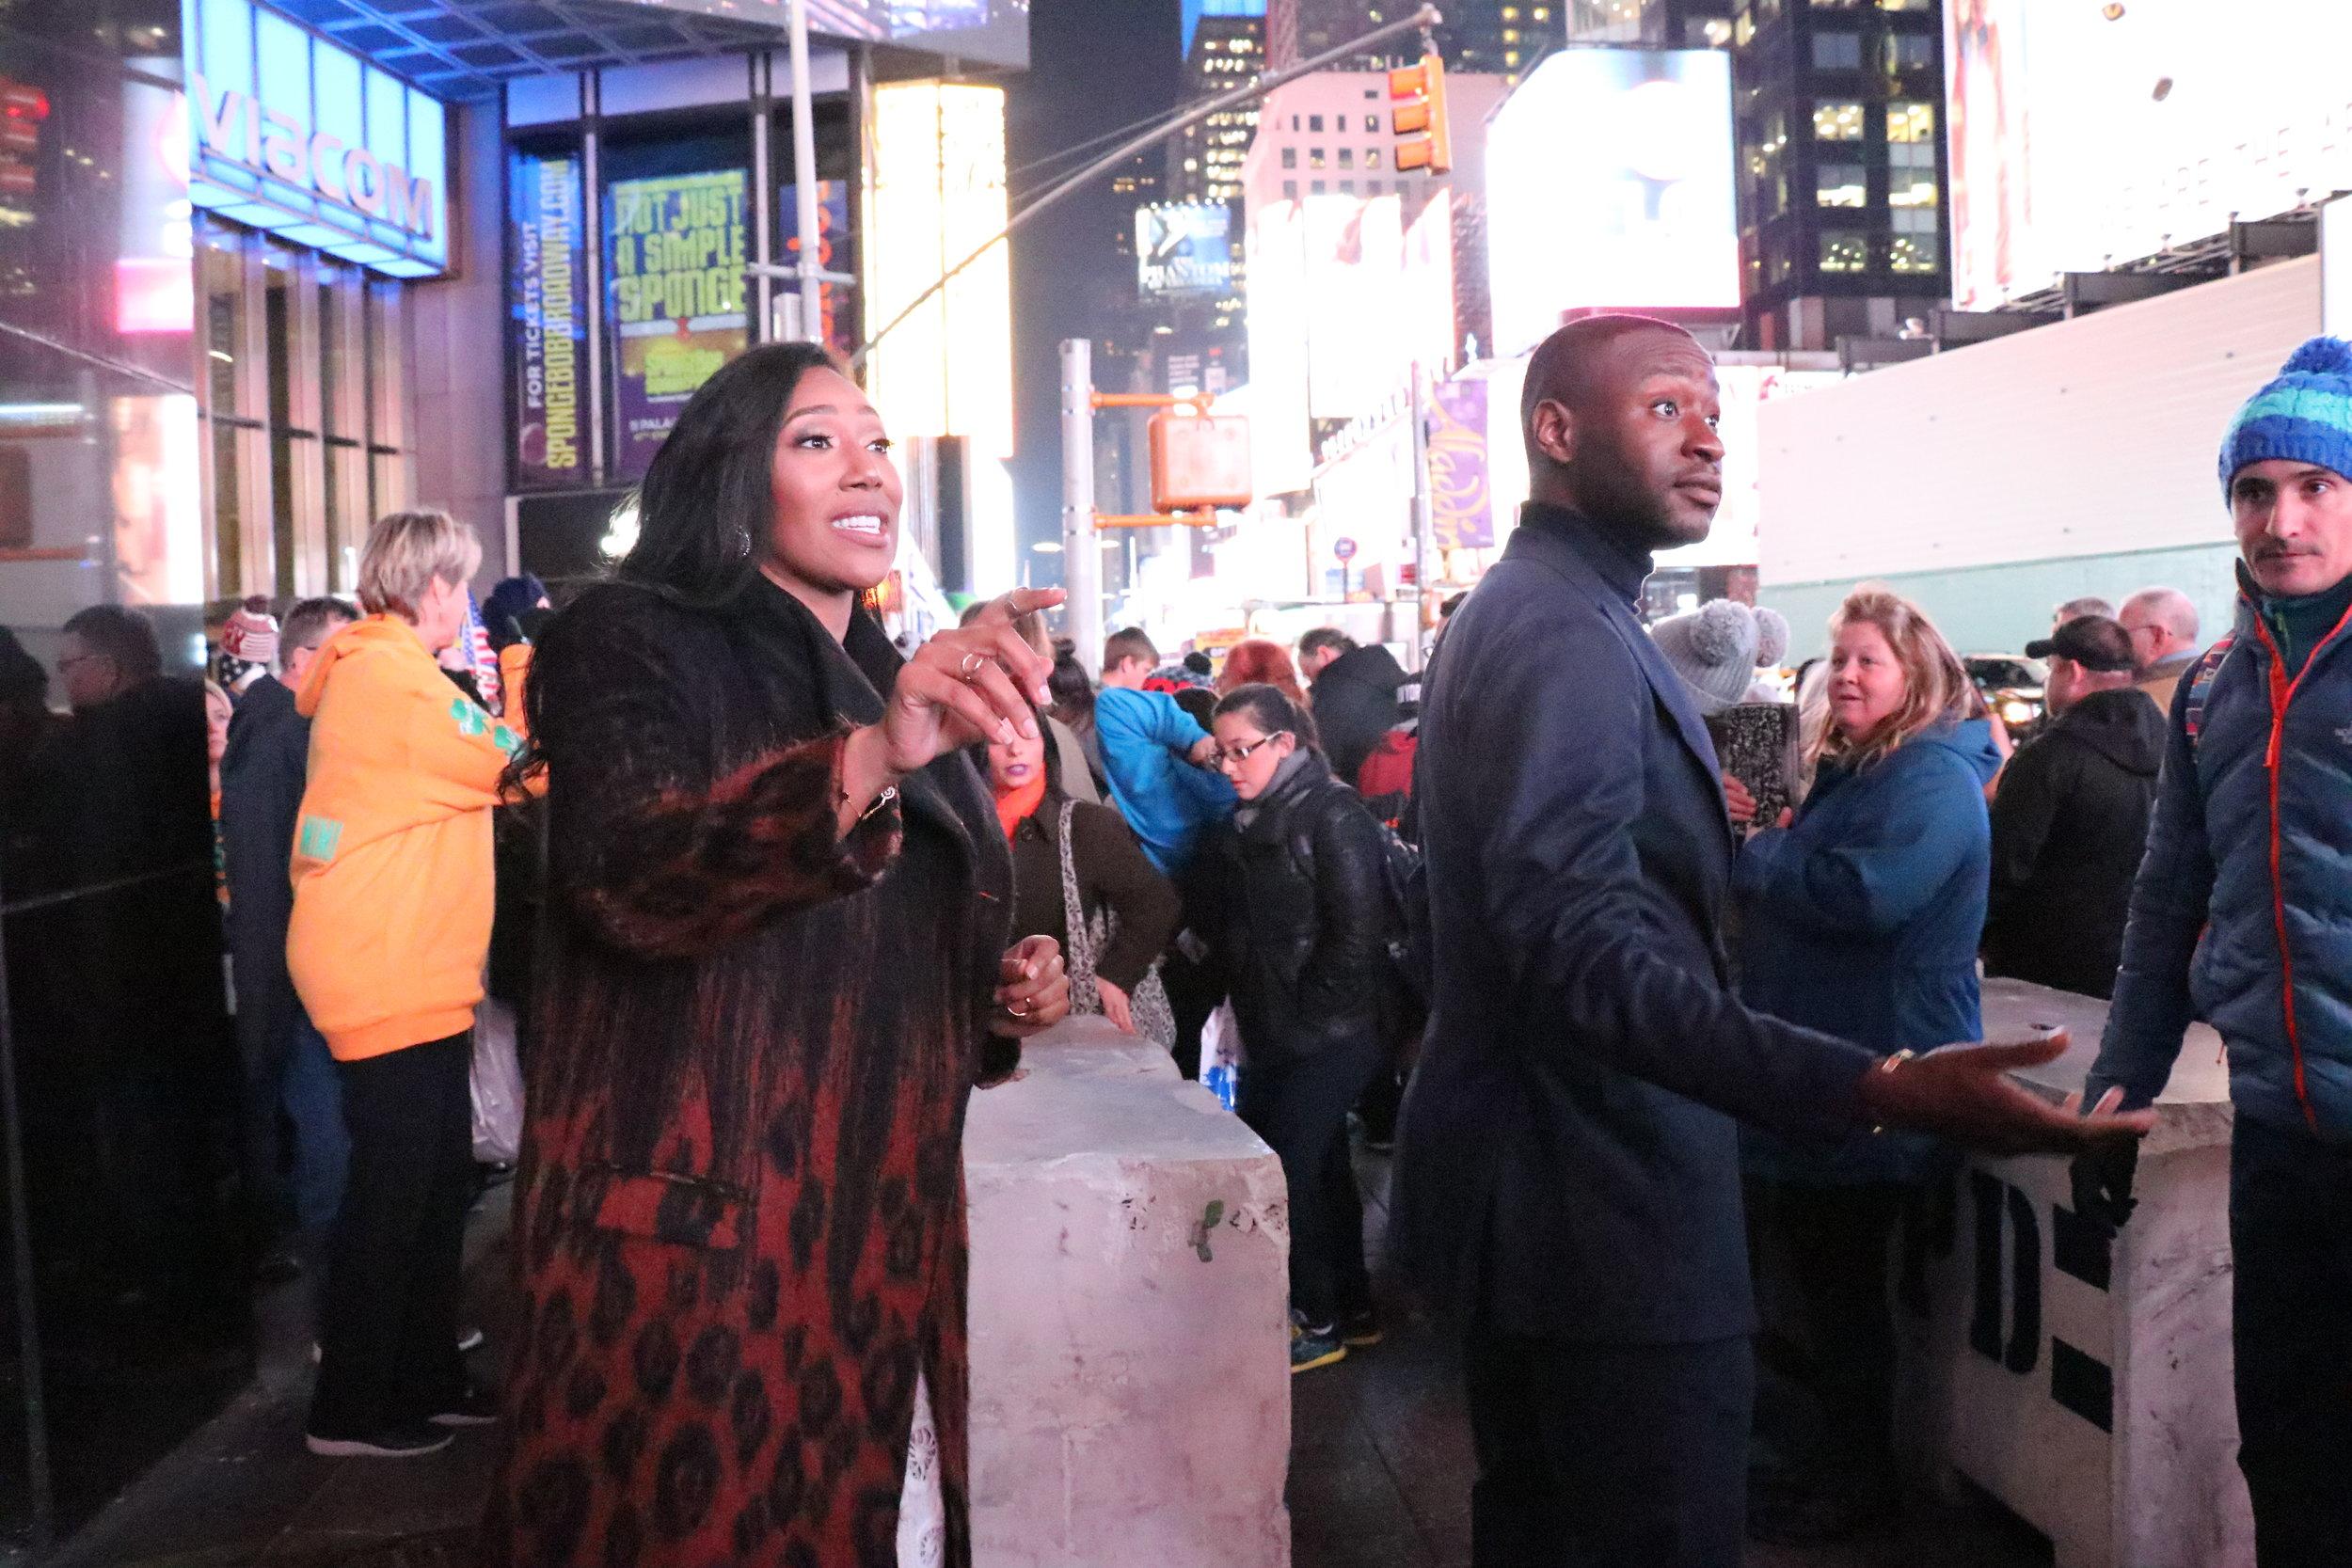 Guerilla marketing in Times Square